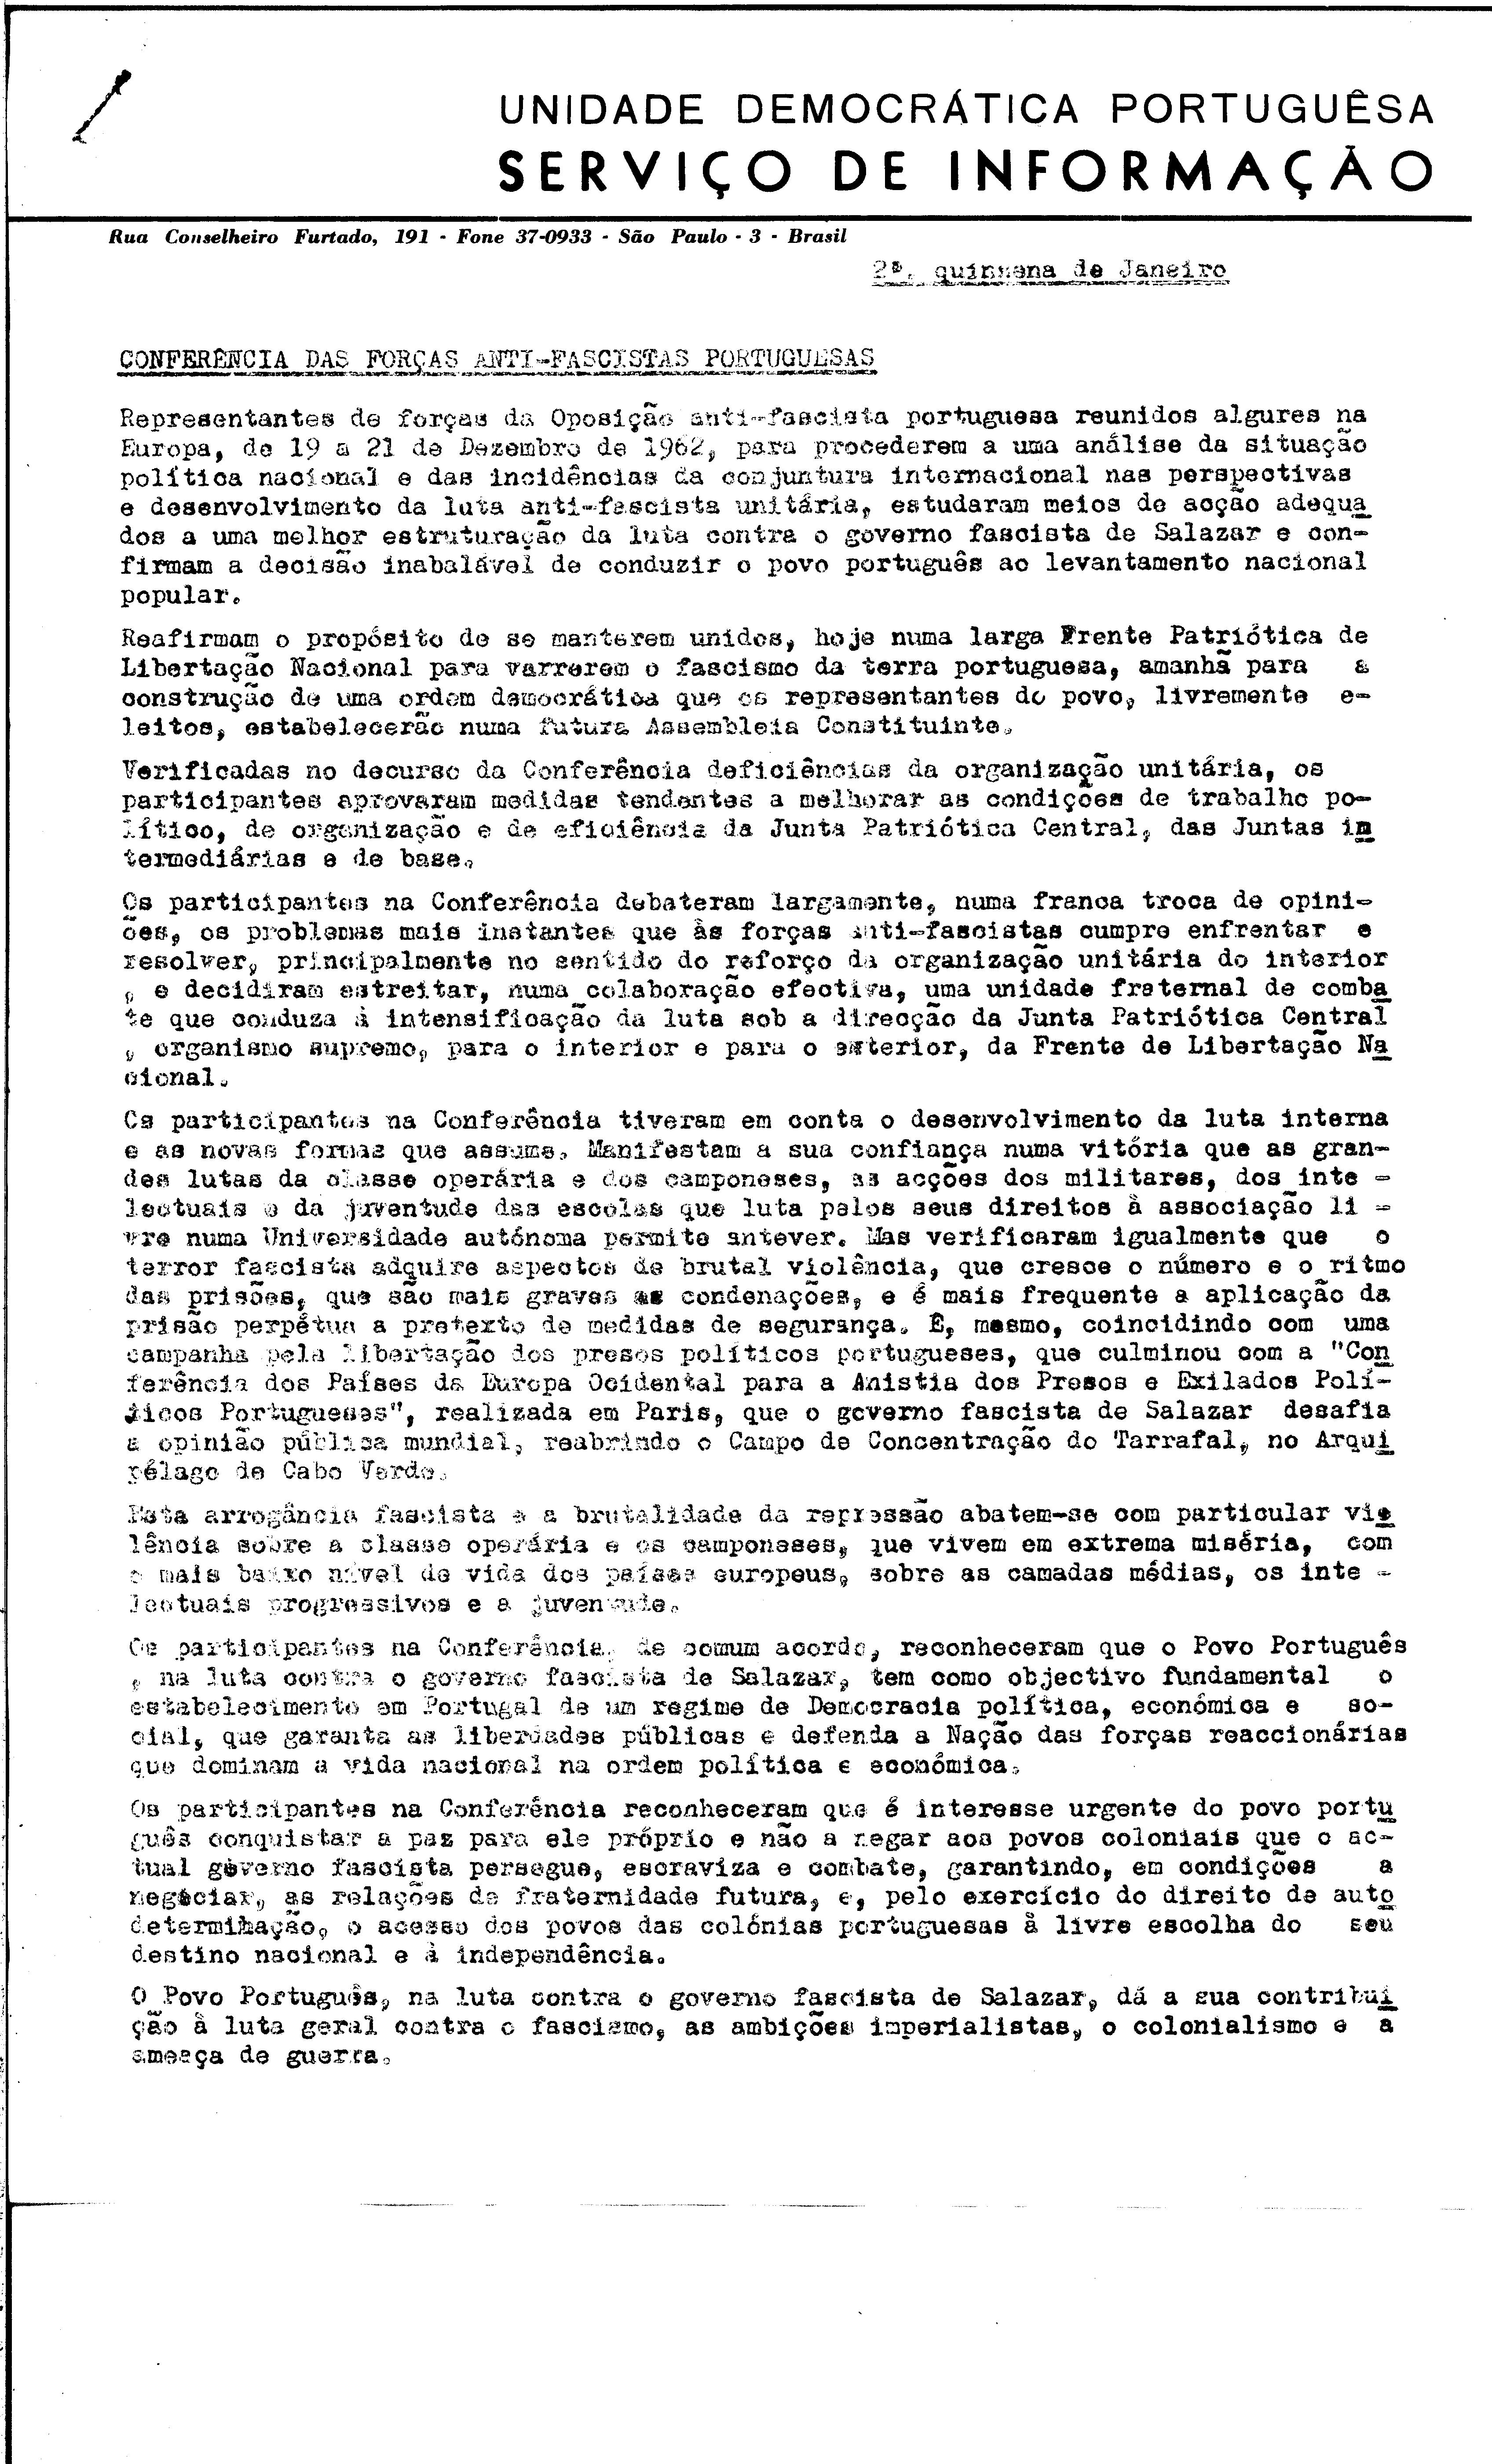 02595.020- pag.1